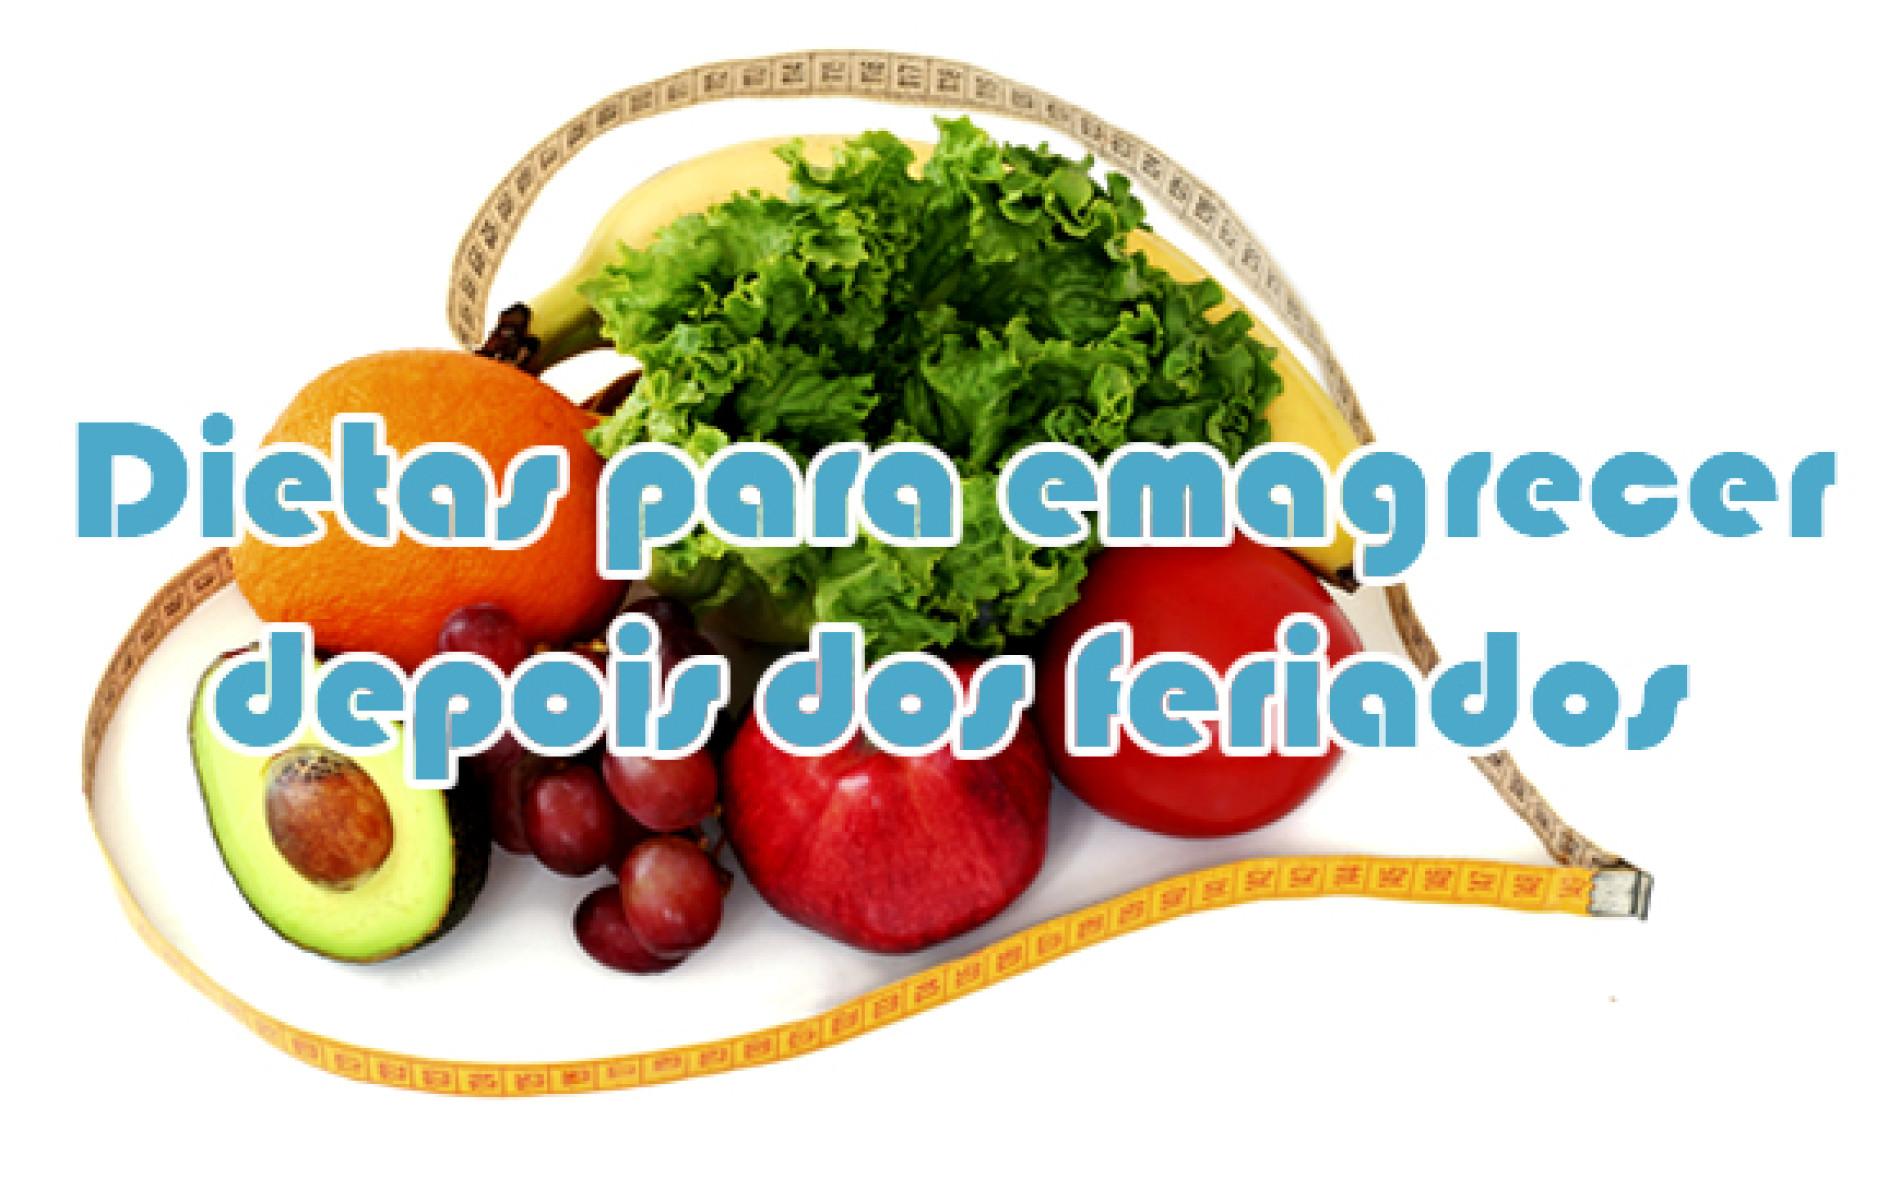 dietas-para-emagrecer-depois-feriados-1900x1179_c.jpg